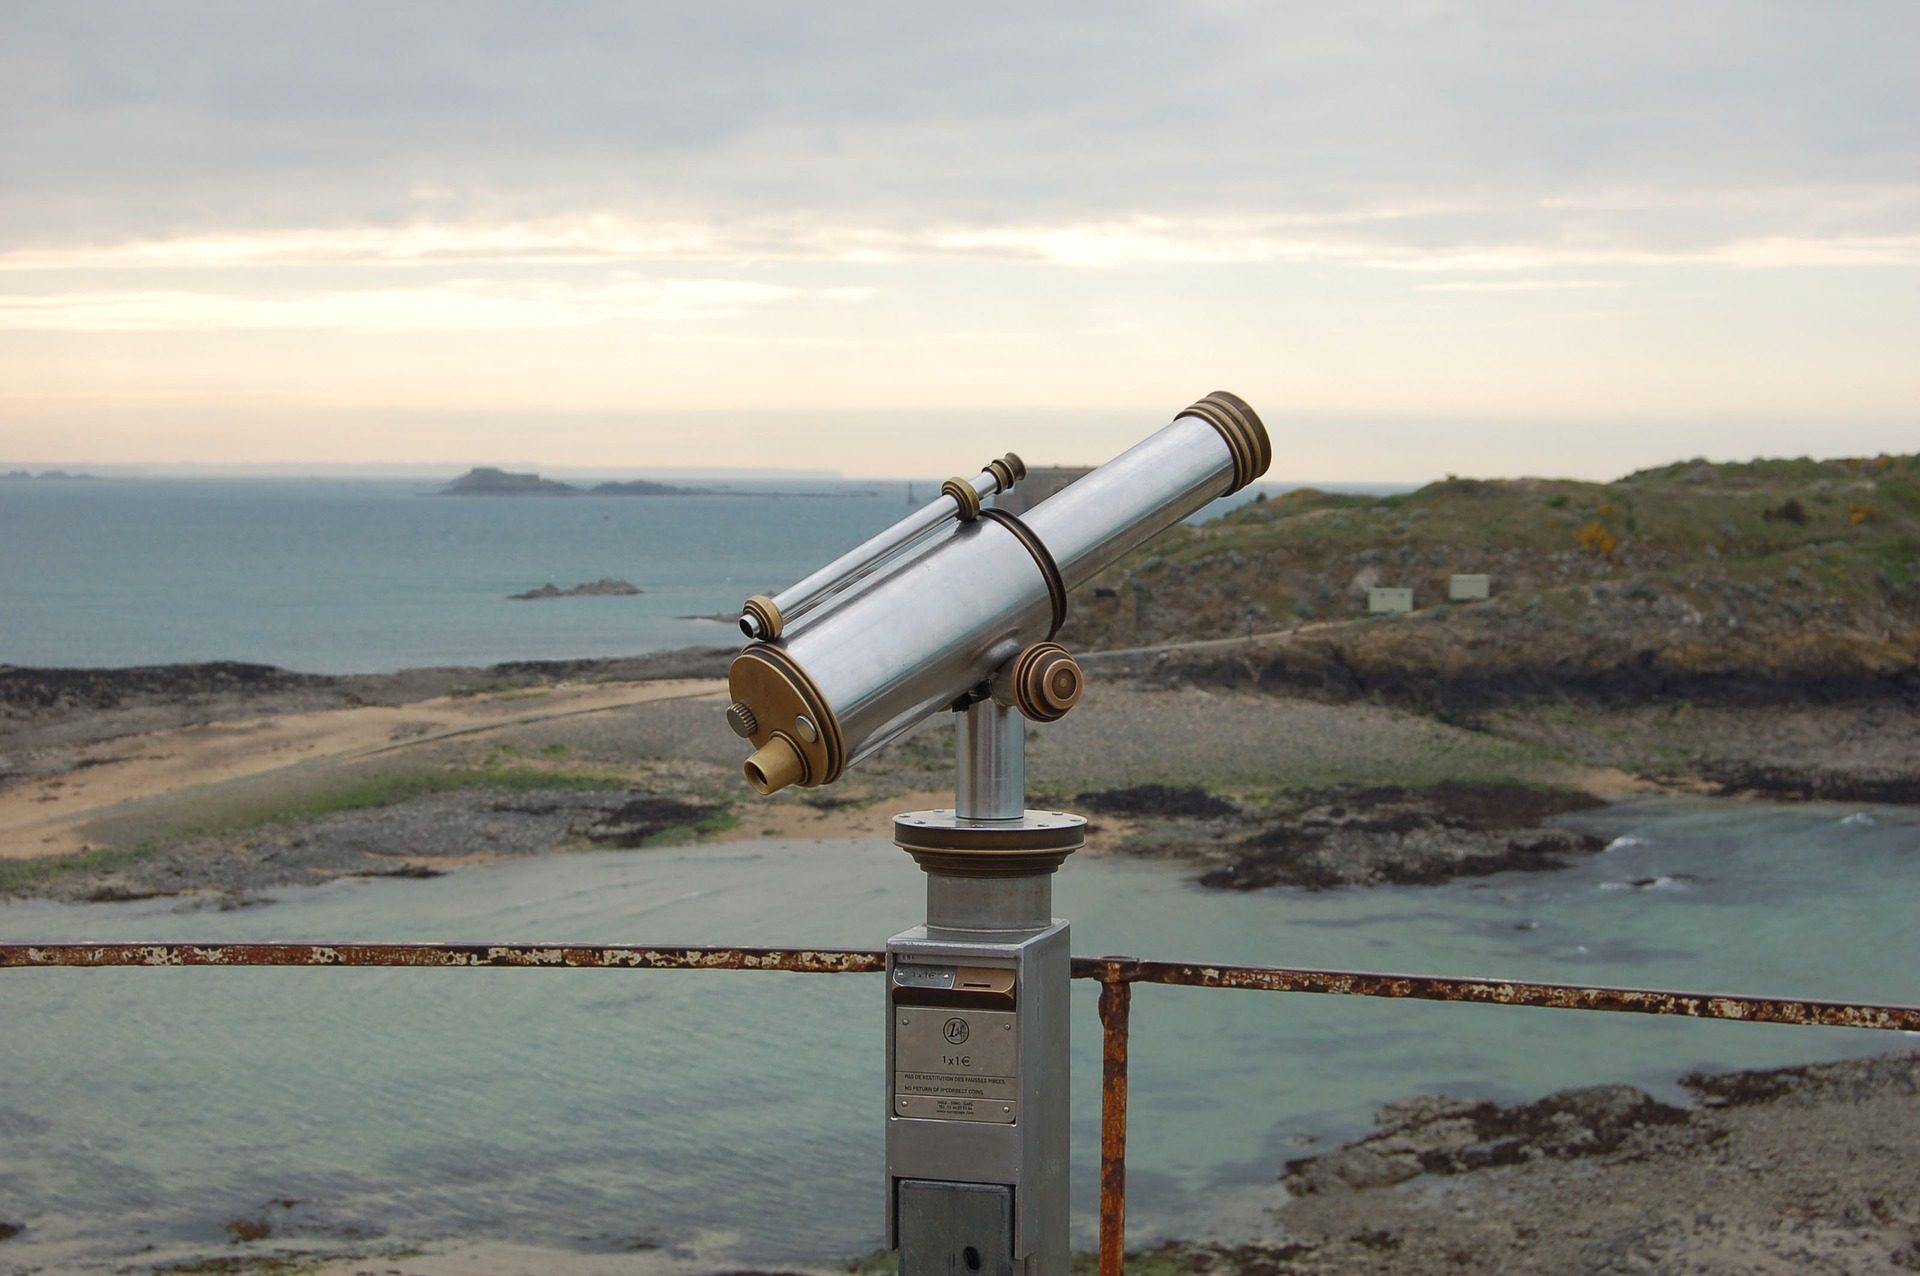 Costa, Mar, Praia, ponto de vista, telescópio, óculos, horizonte - Papéis de parede HD - Professor-falken.com